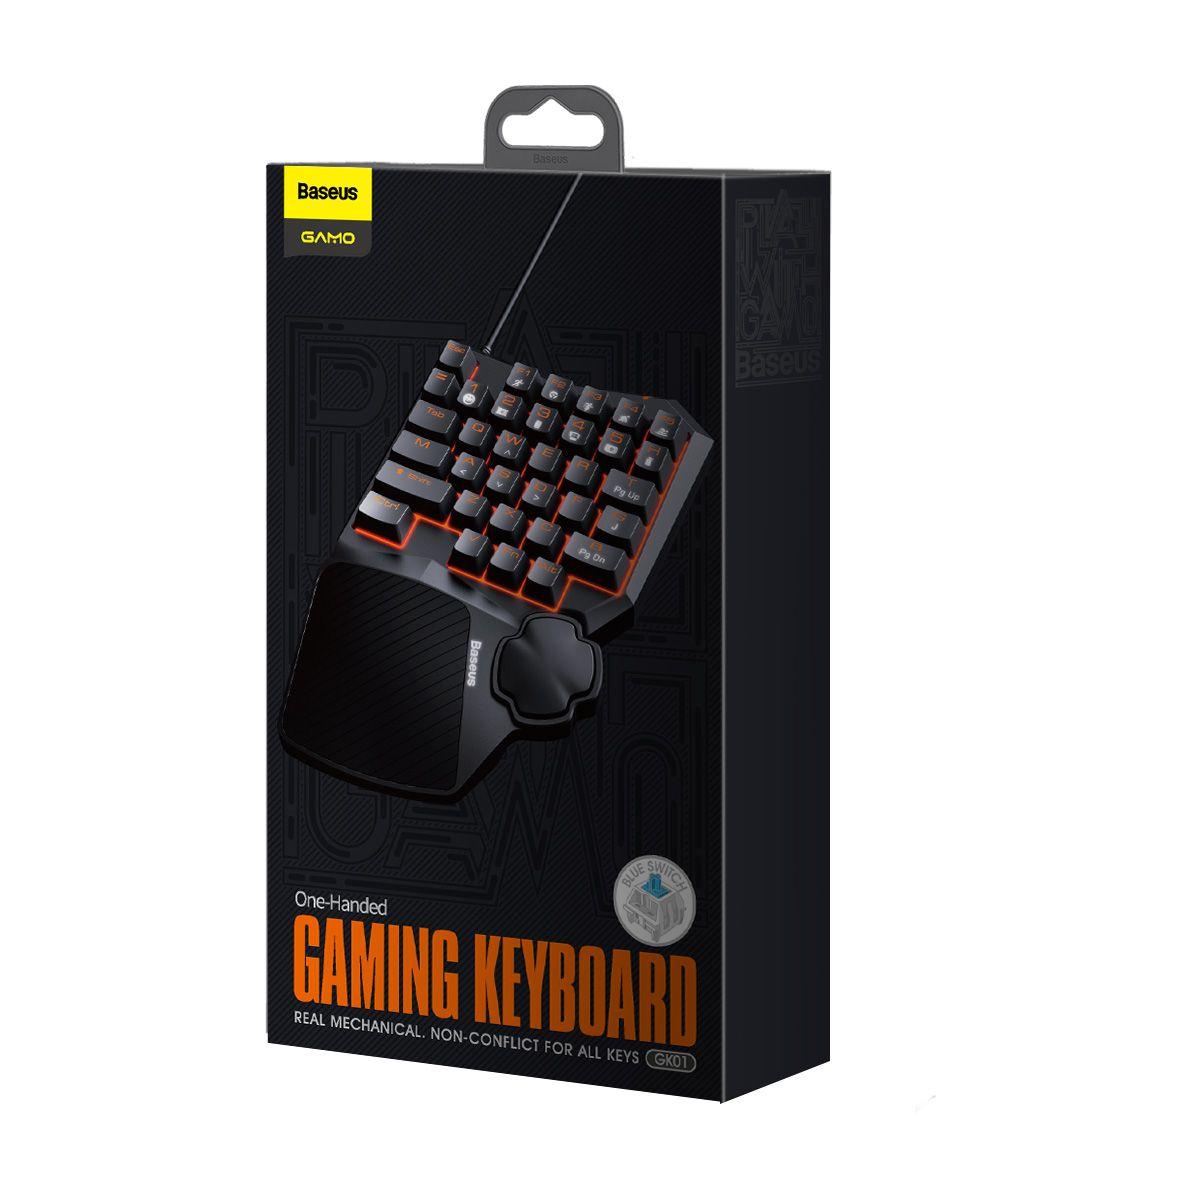 Teclado Gamer Baseus GAMO GK01